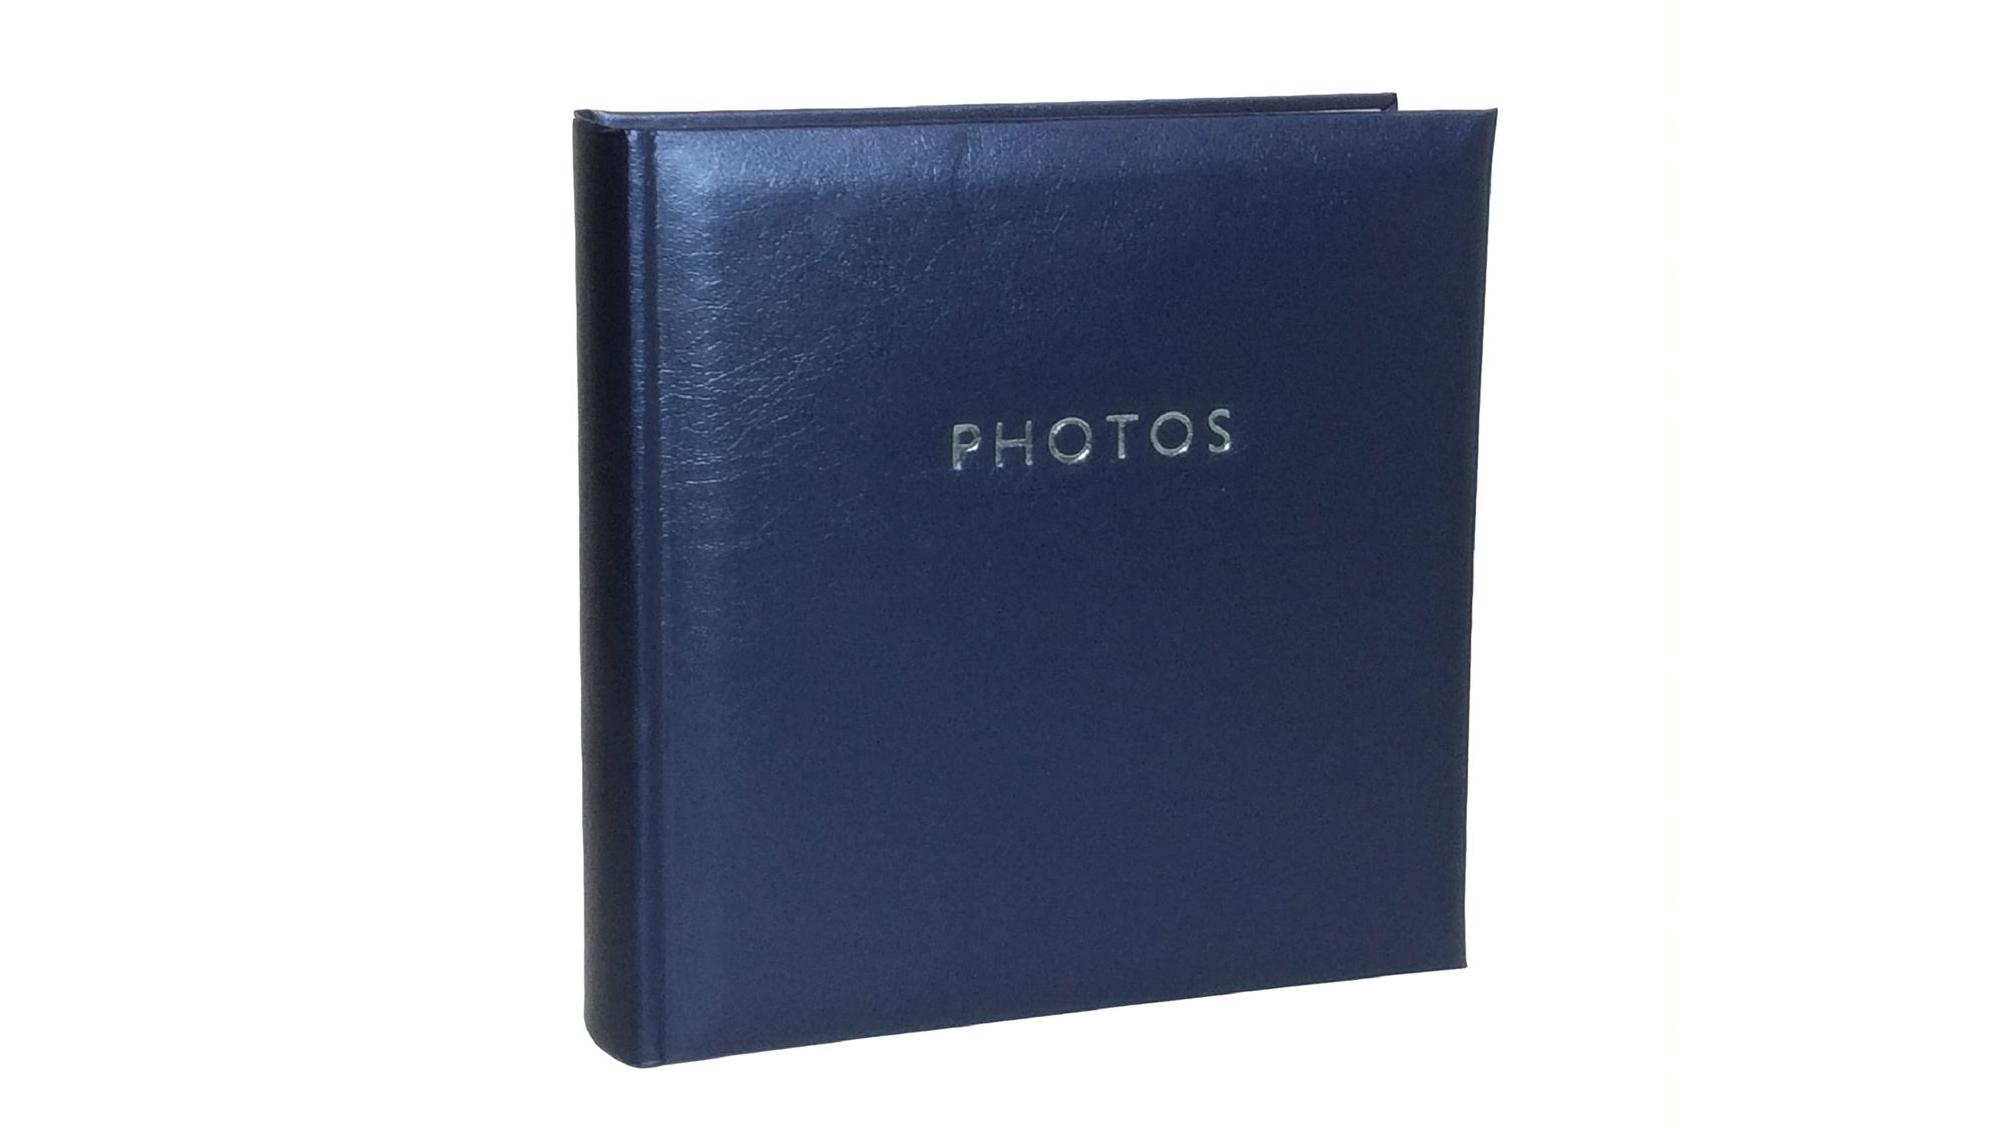 Image of Platinum Glamour Slip-In 4x6 200 Photo Album - Blue